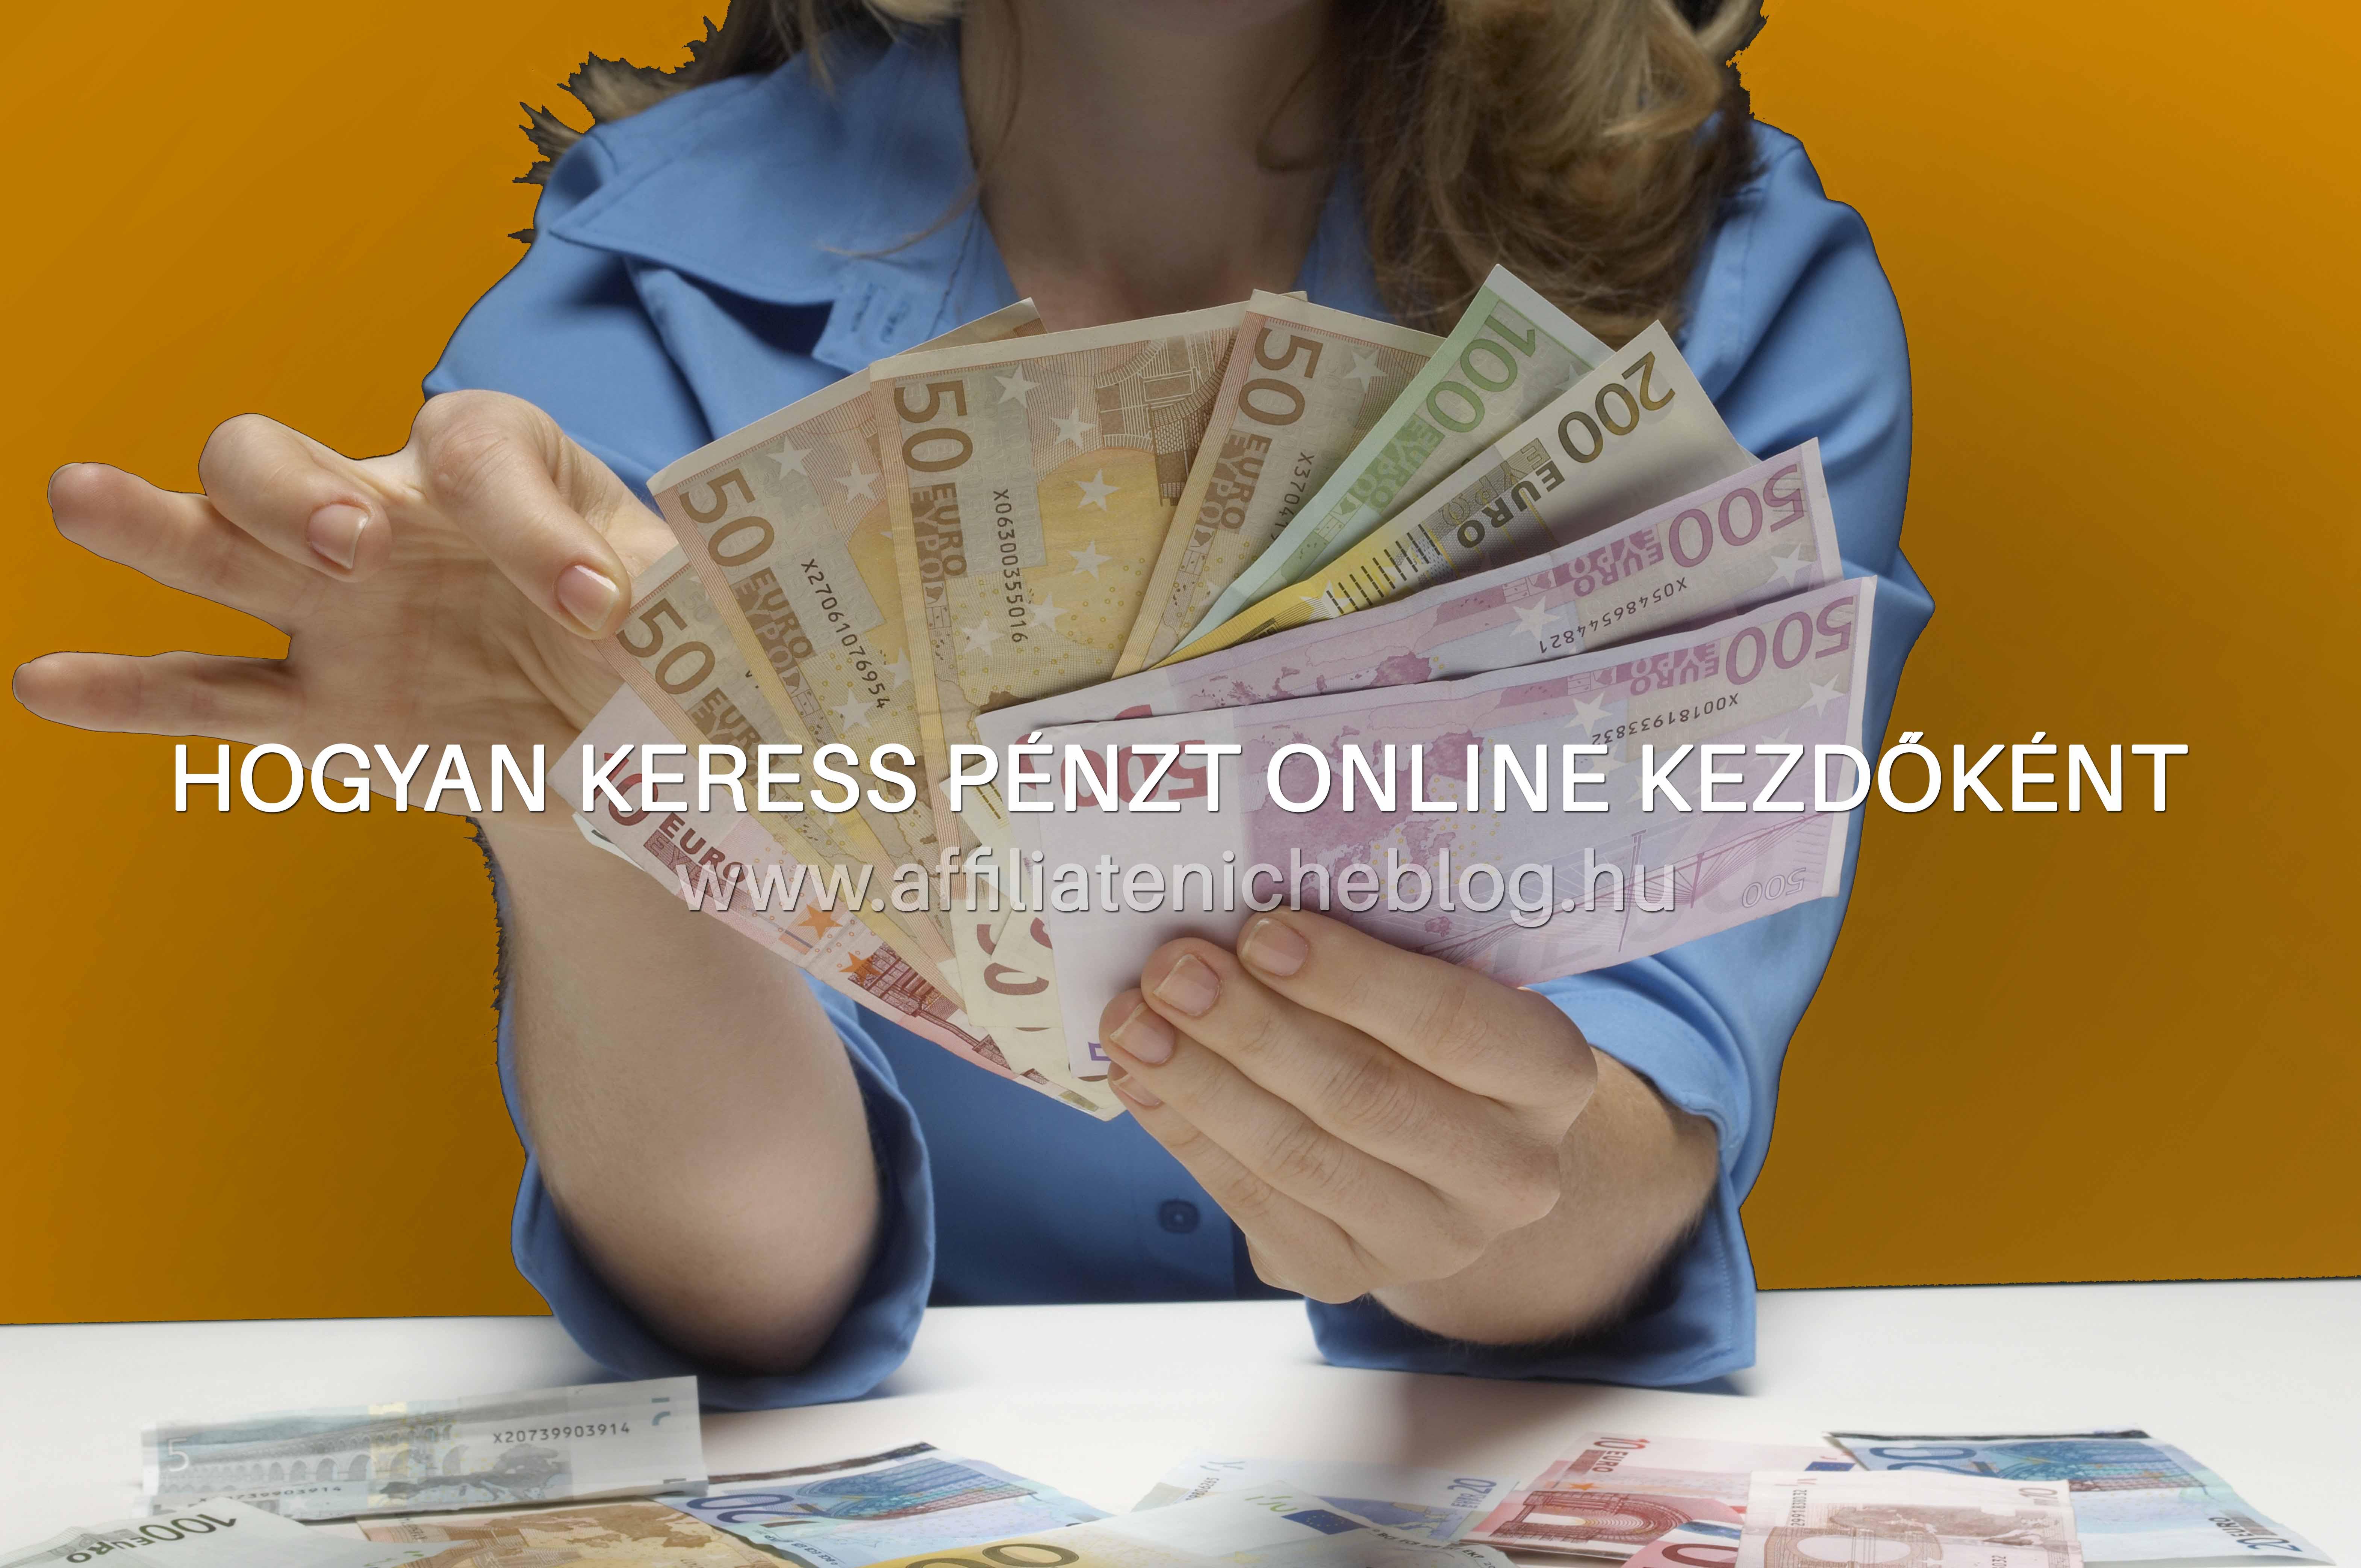 valódi módon lehet pénzt keresni az interneten)